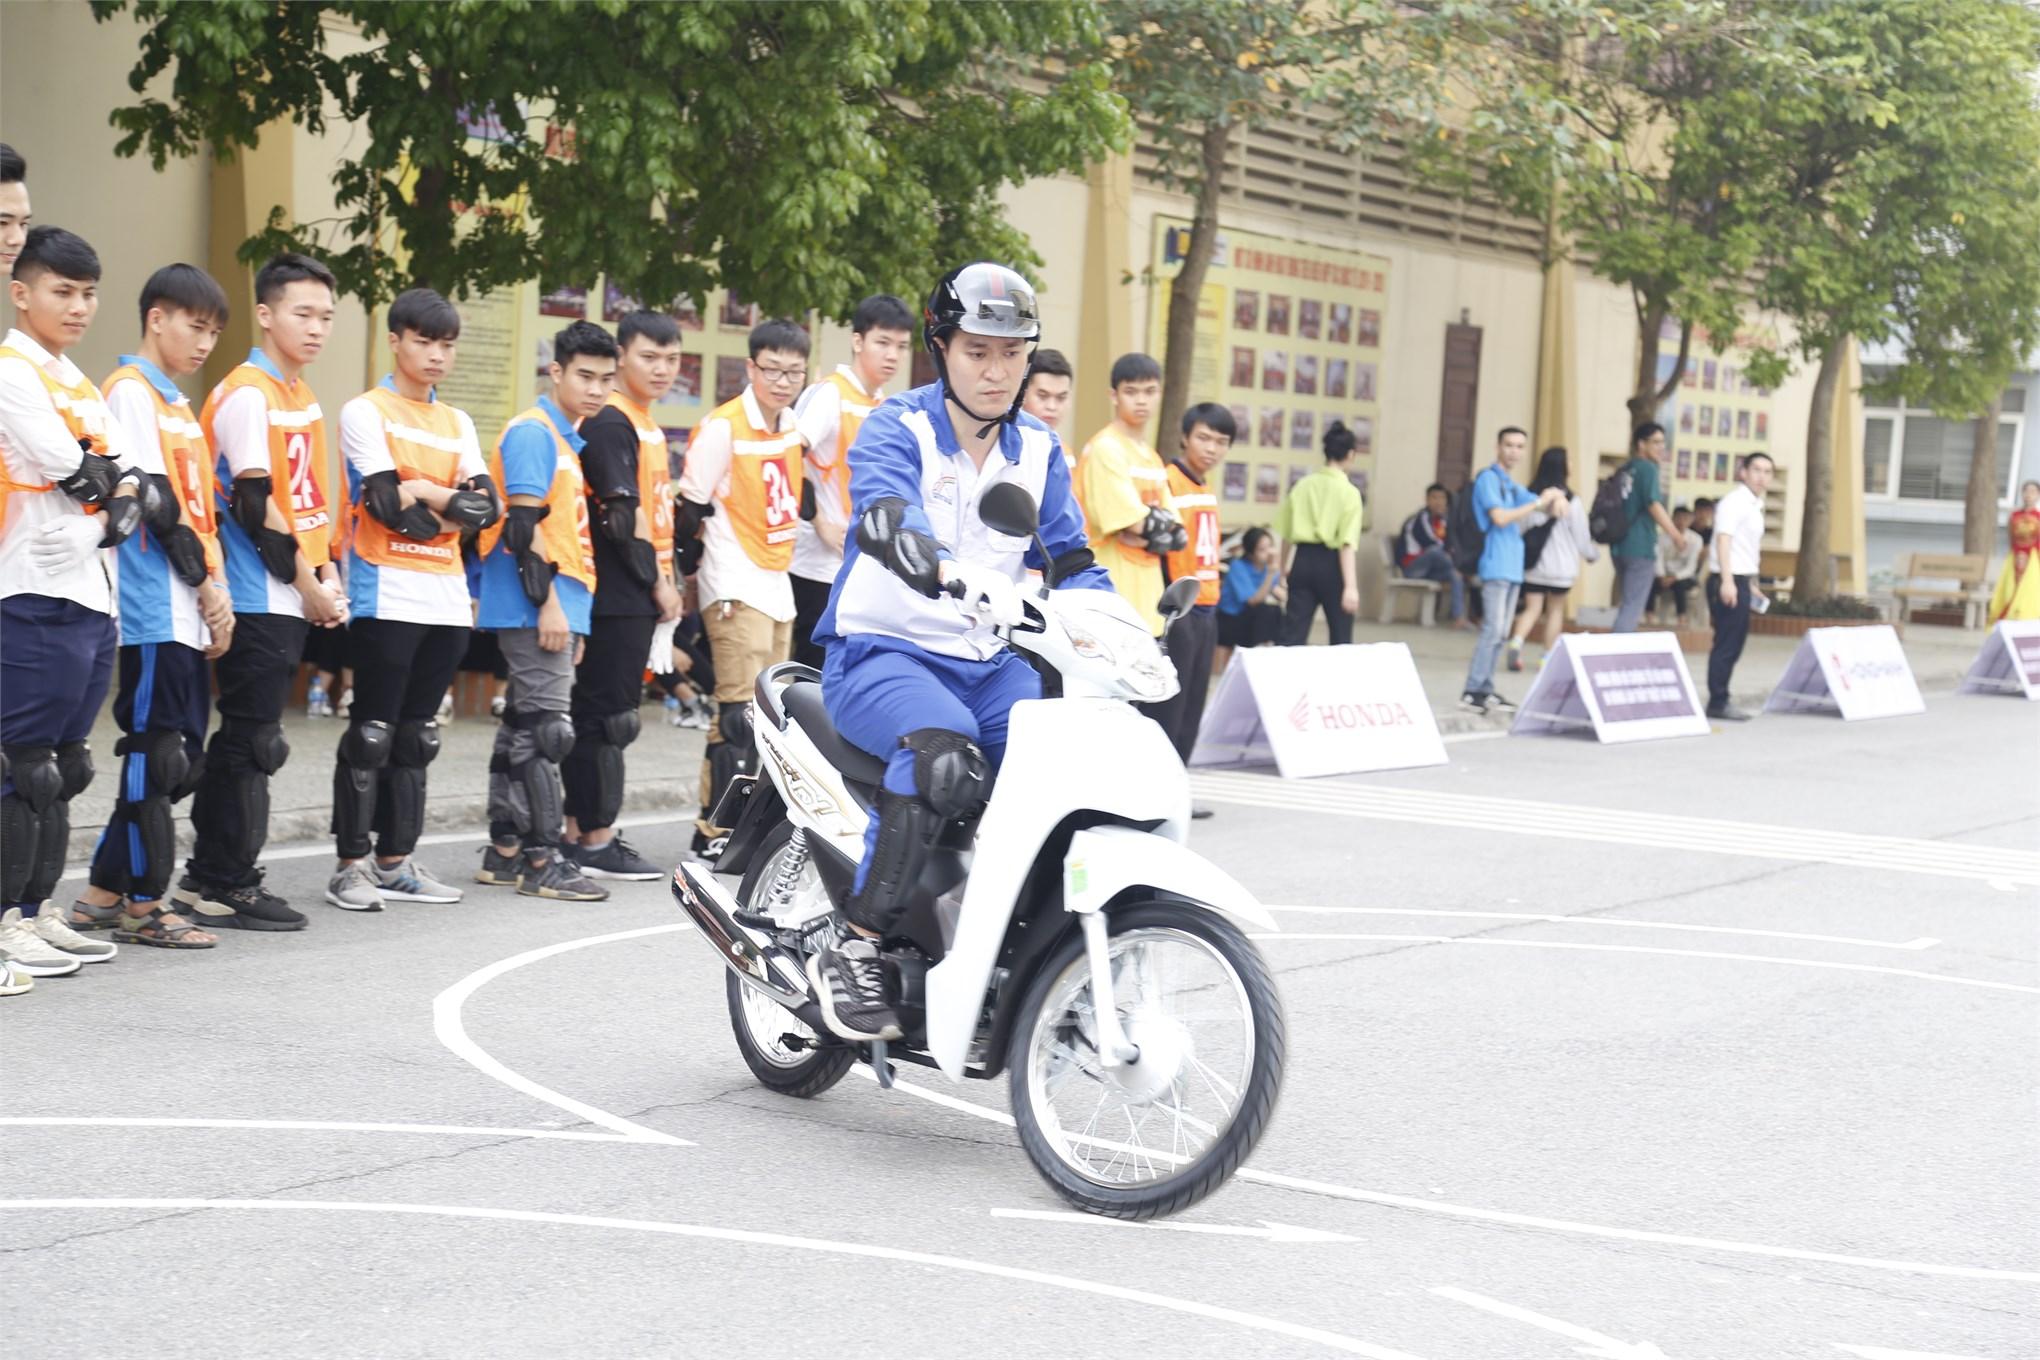 Hội thi tìm hiểu Luật Giao thông đường bộ và kỹ năng lái xe mô tô an toàn cho sinh viên các trường ĐH khu vực Hà Nội năm 2020